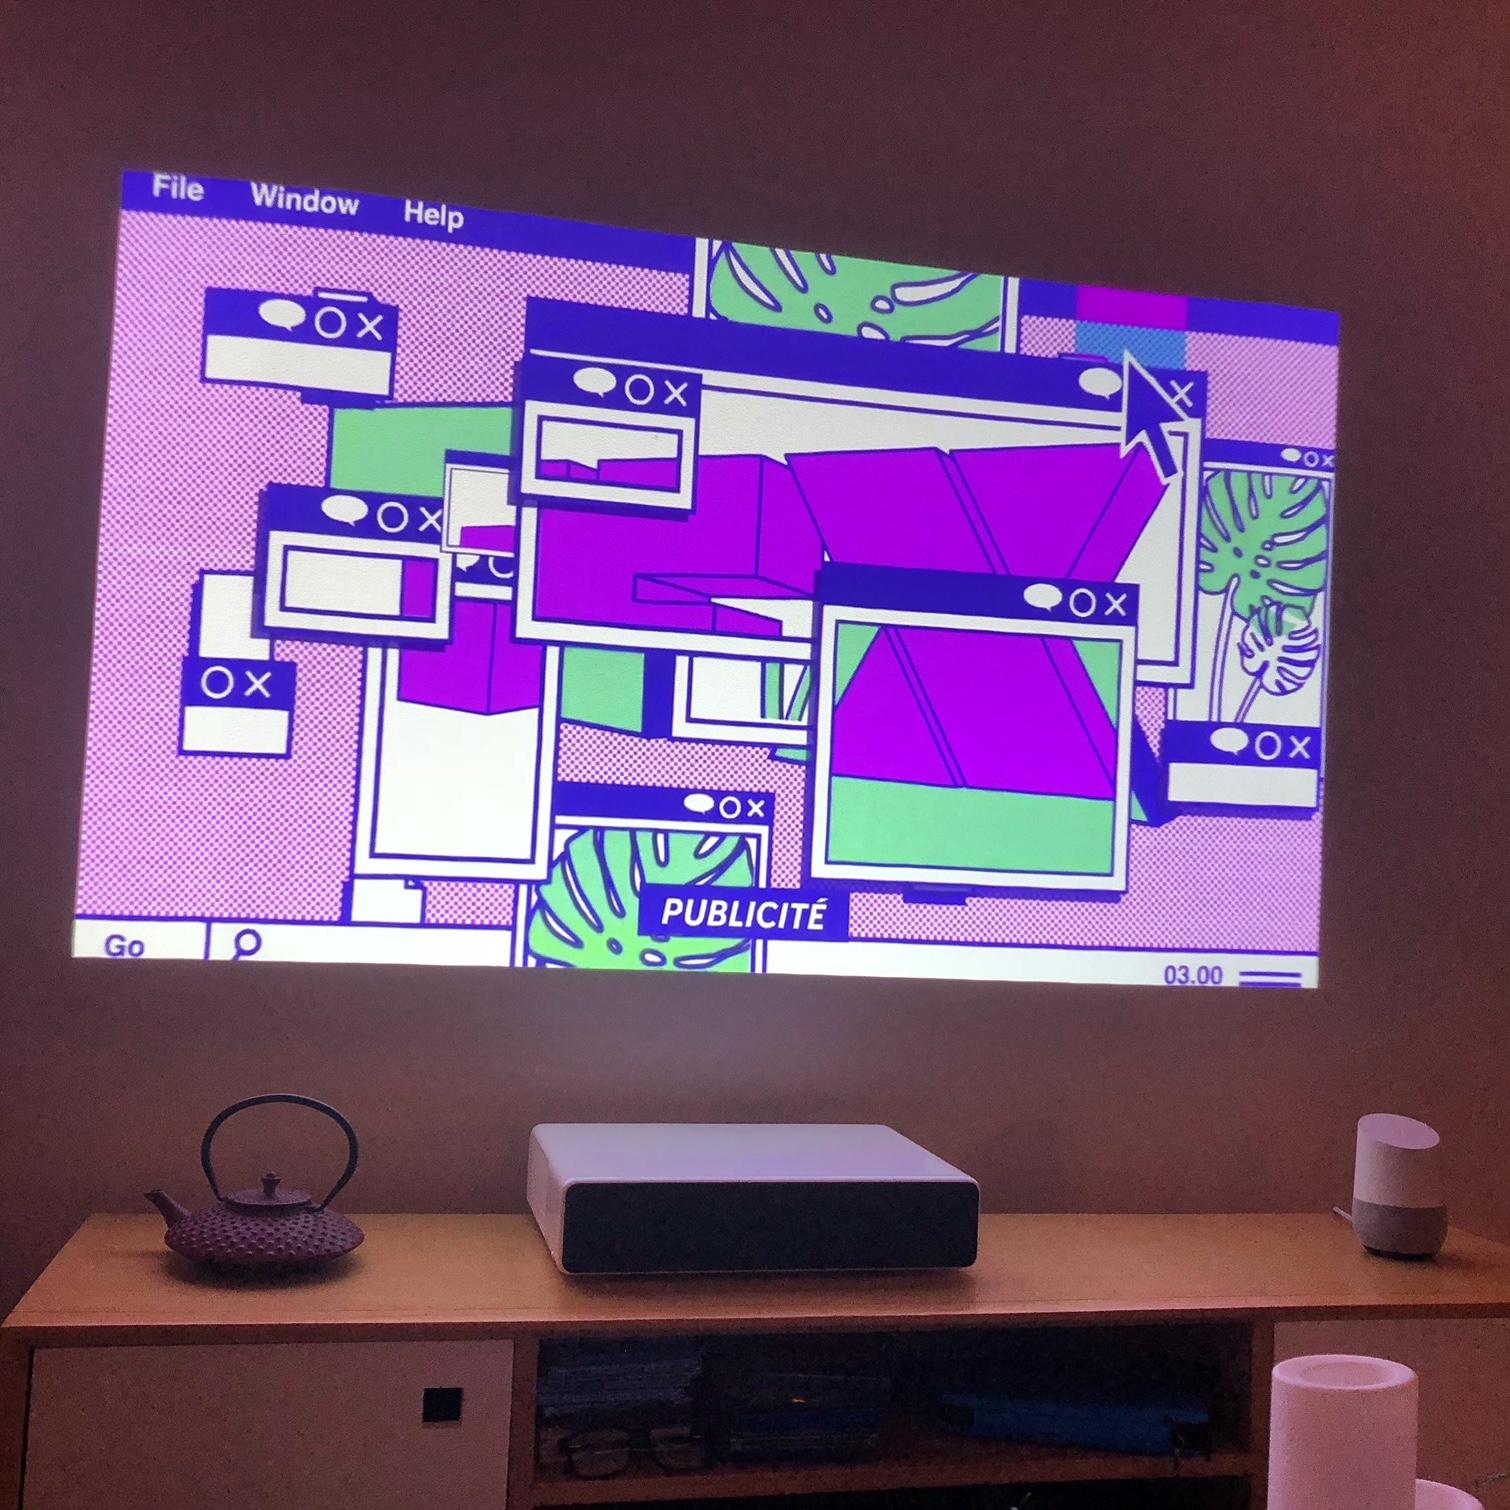 Peinture Pour Ecran Retroprojecteur test du xiaomi mi laser projector, un projecteur à courte